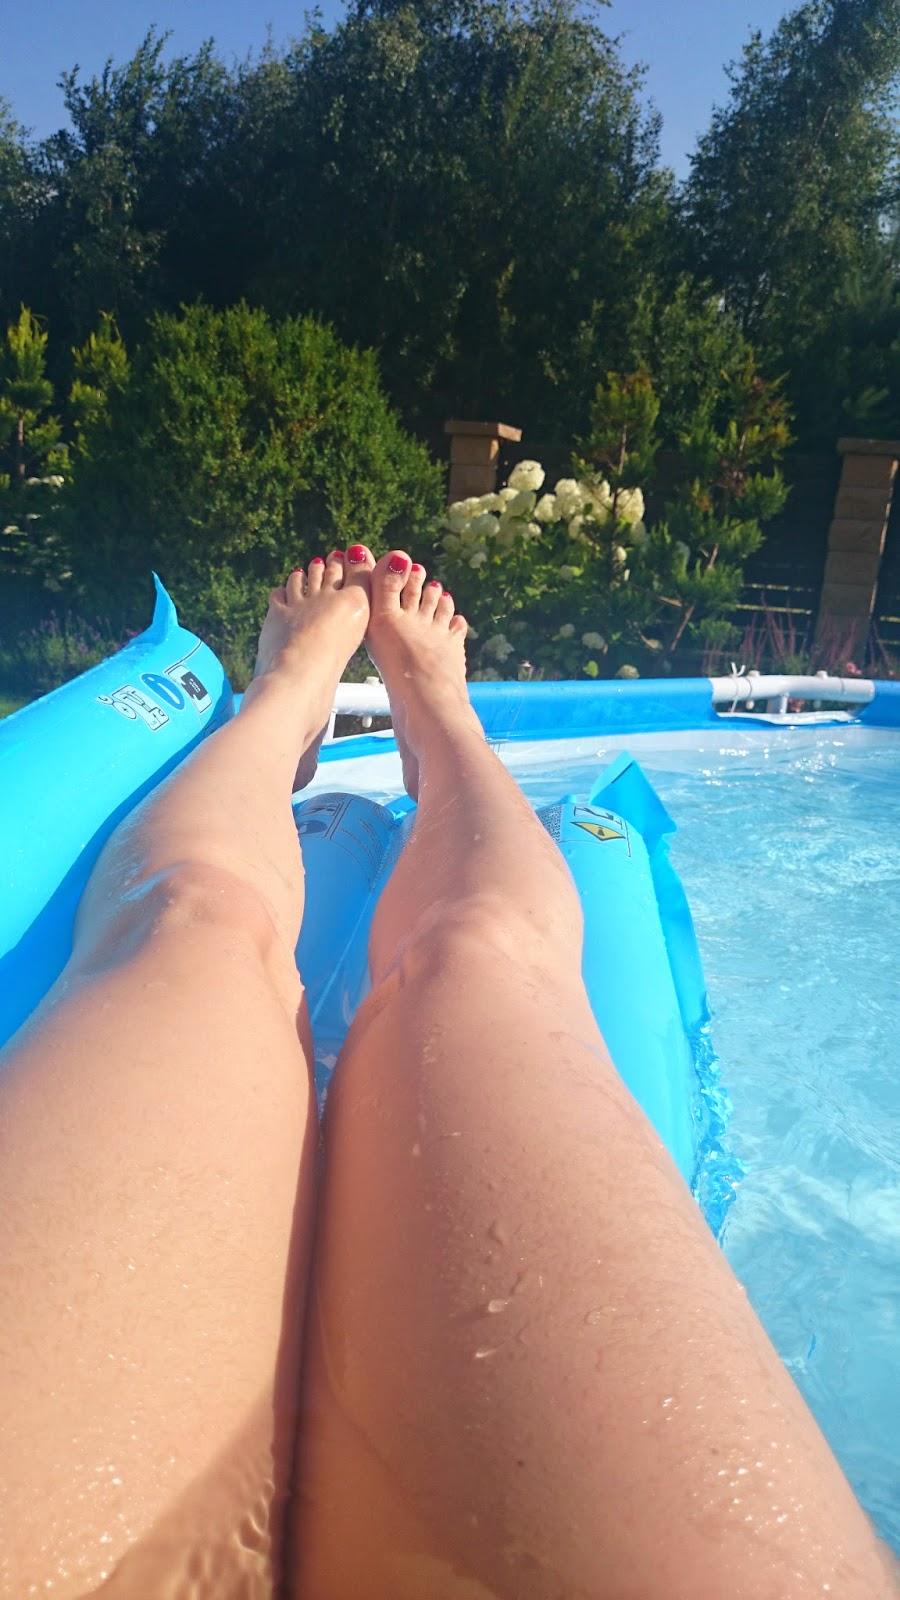 basen w ogrodzie,materac do basenu,leżenie na materacu,stópki,niebieski materac plażowy